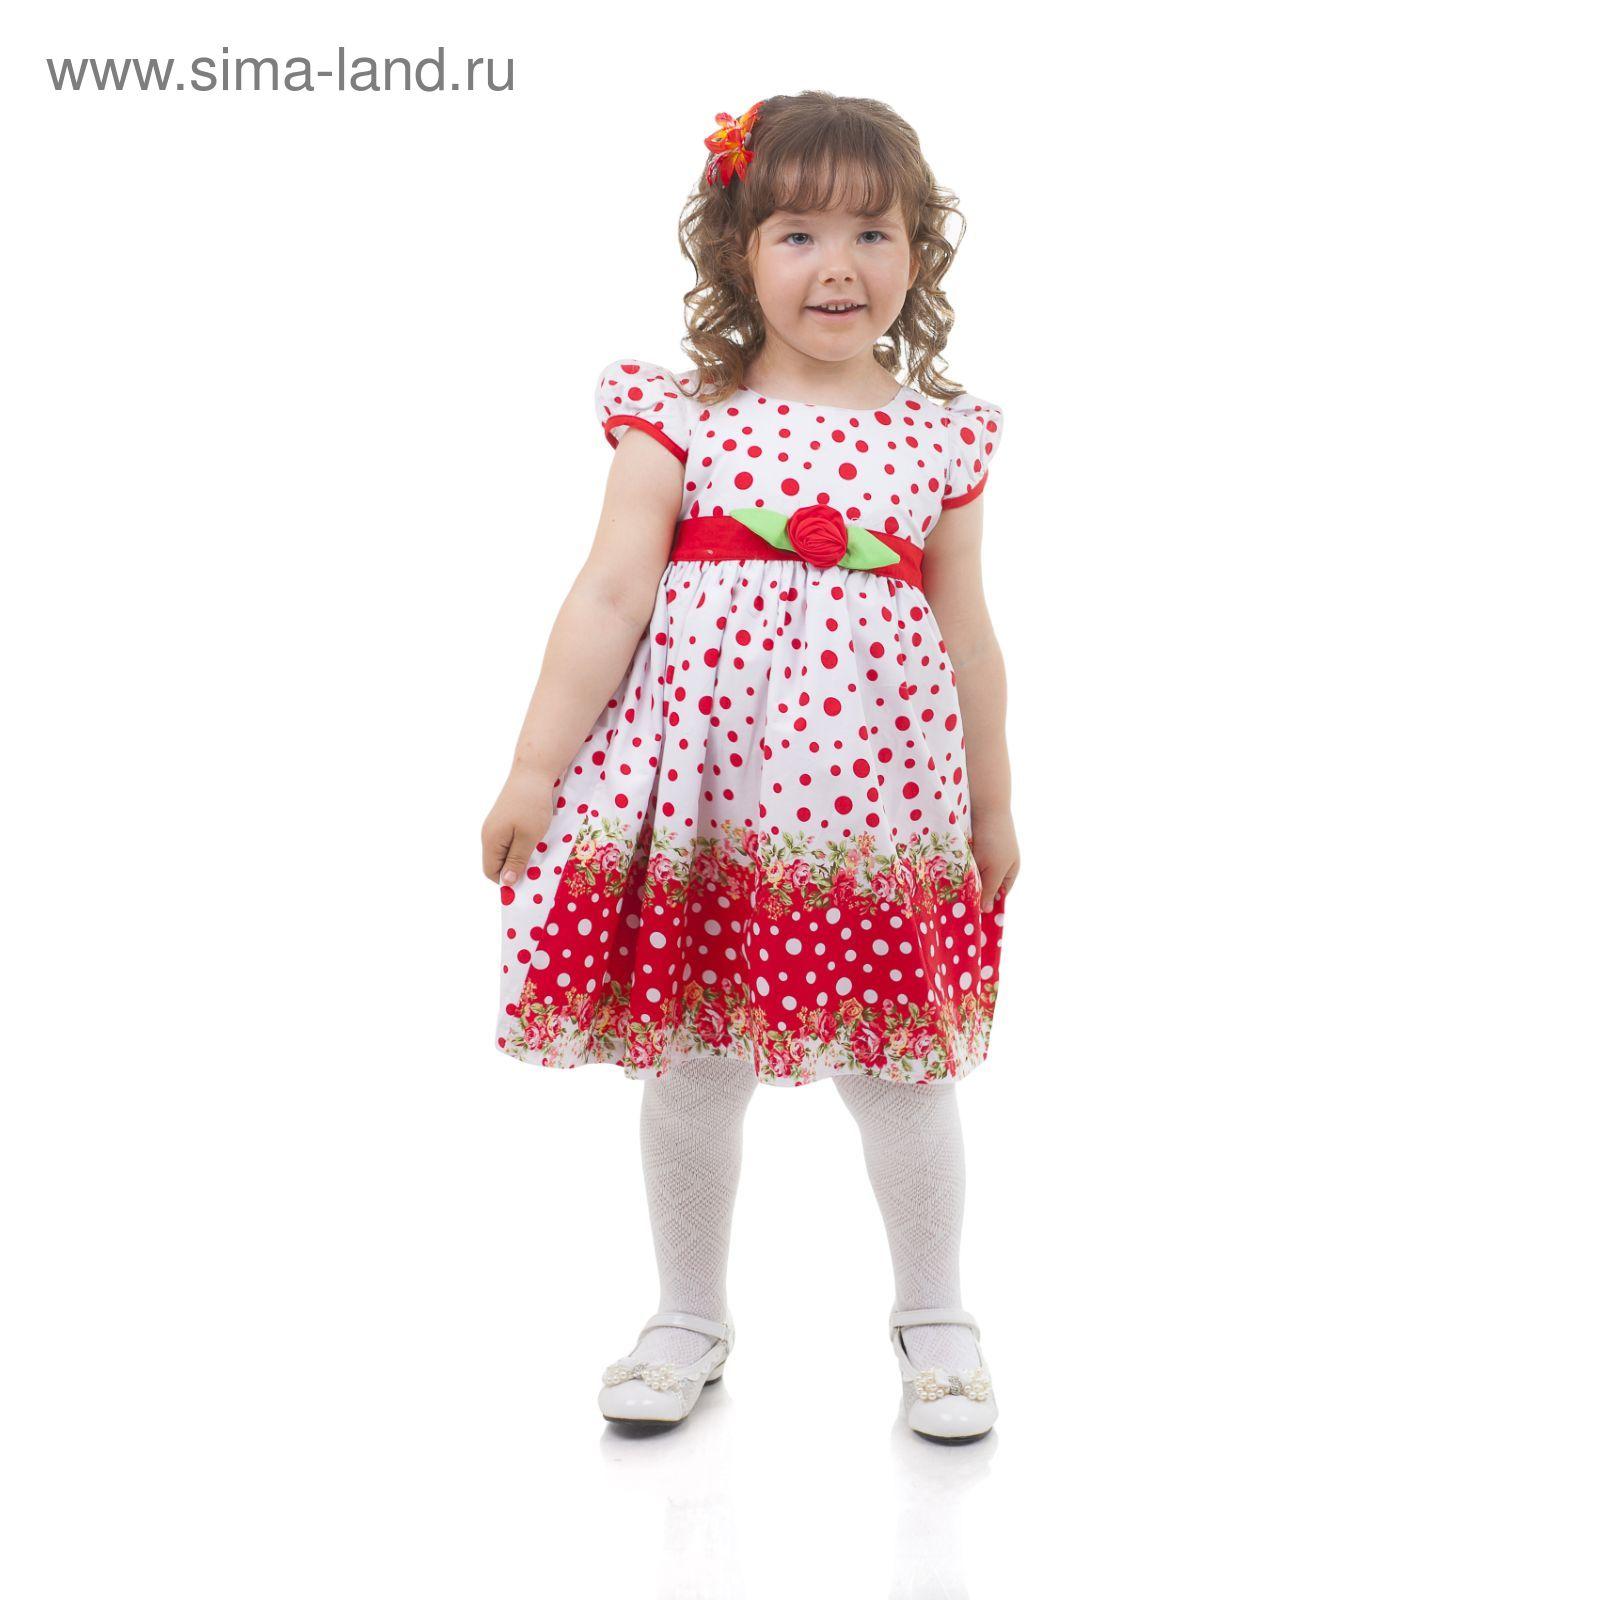 066adaafce1 Платье нарядное для девочки